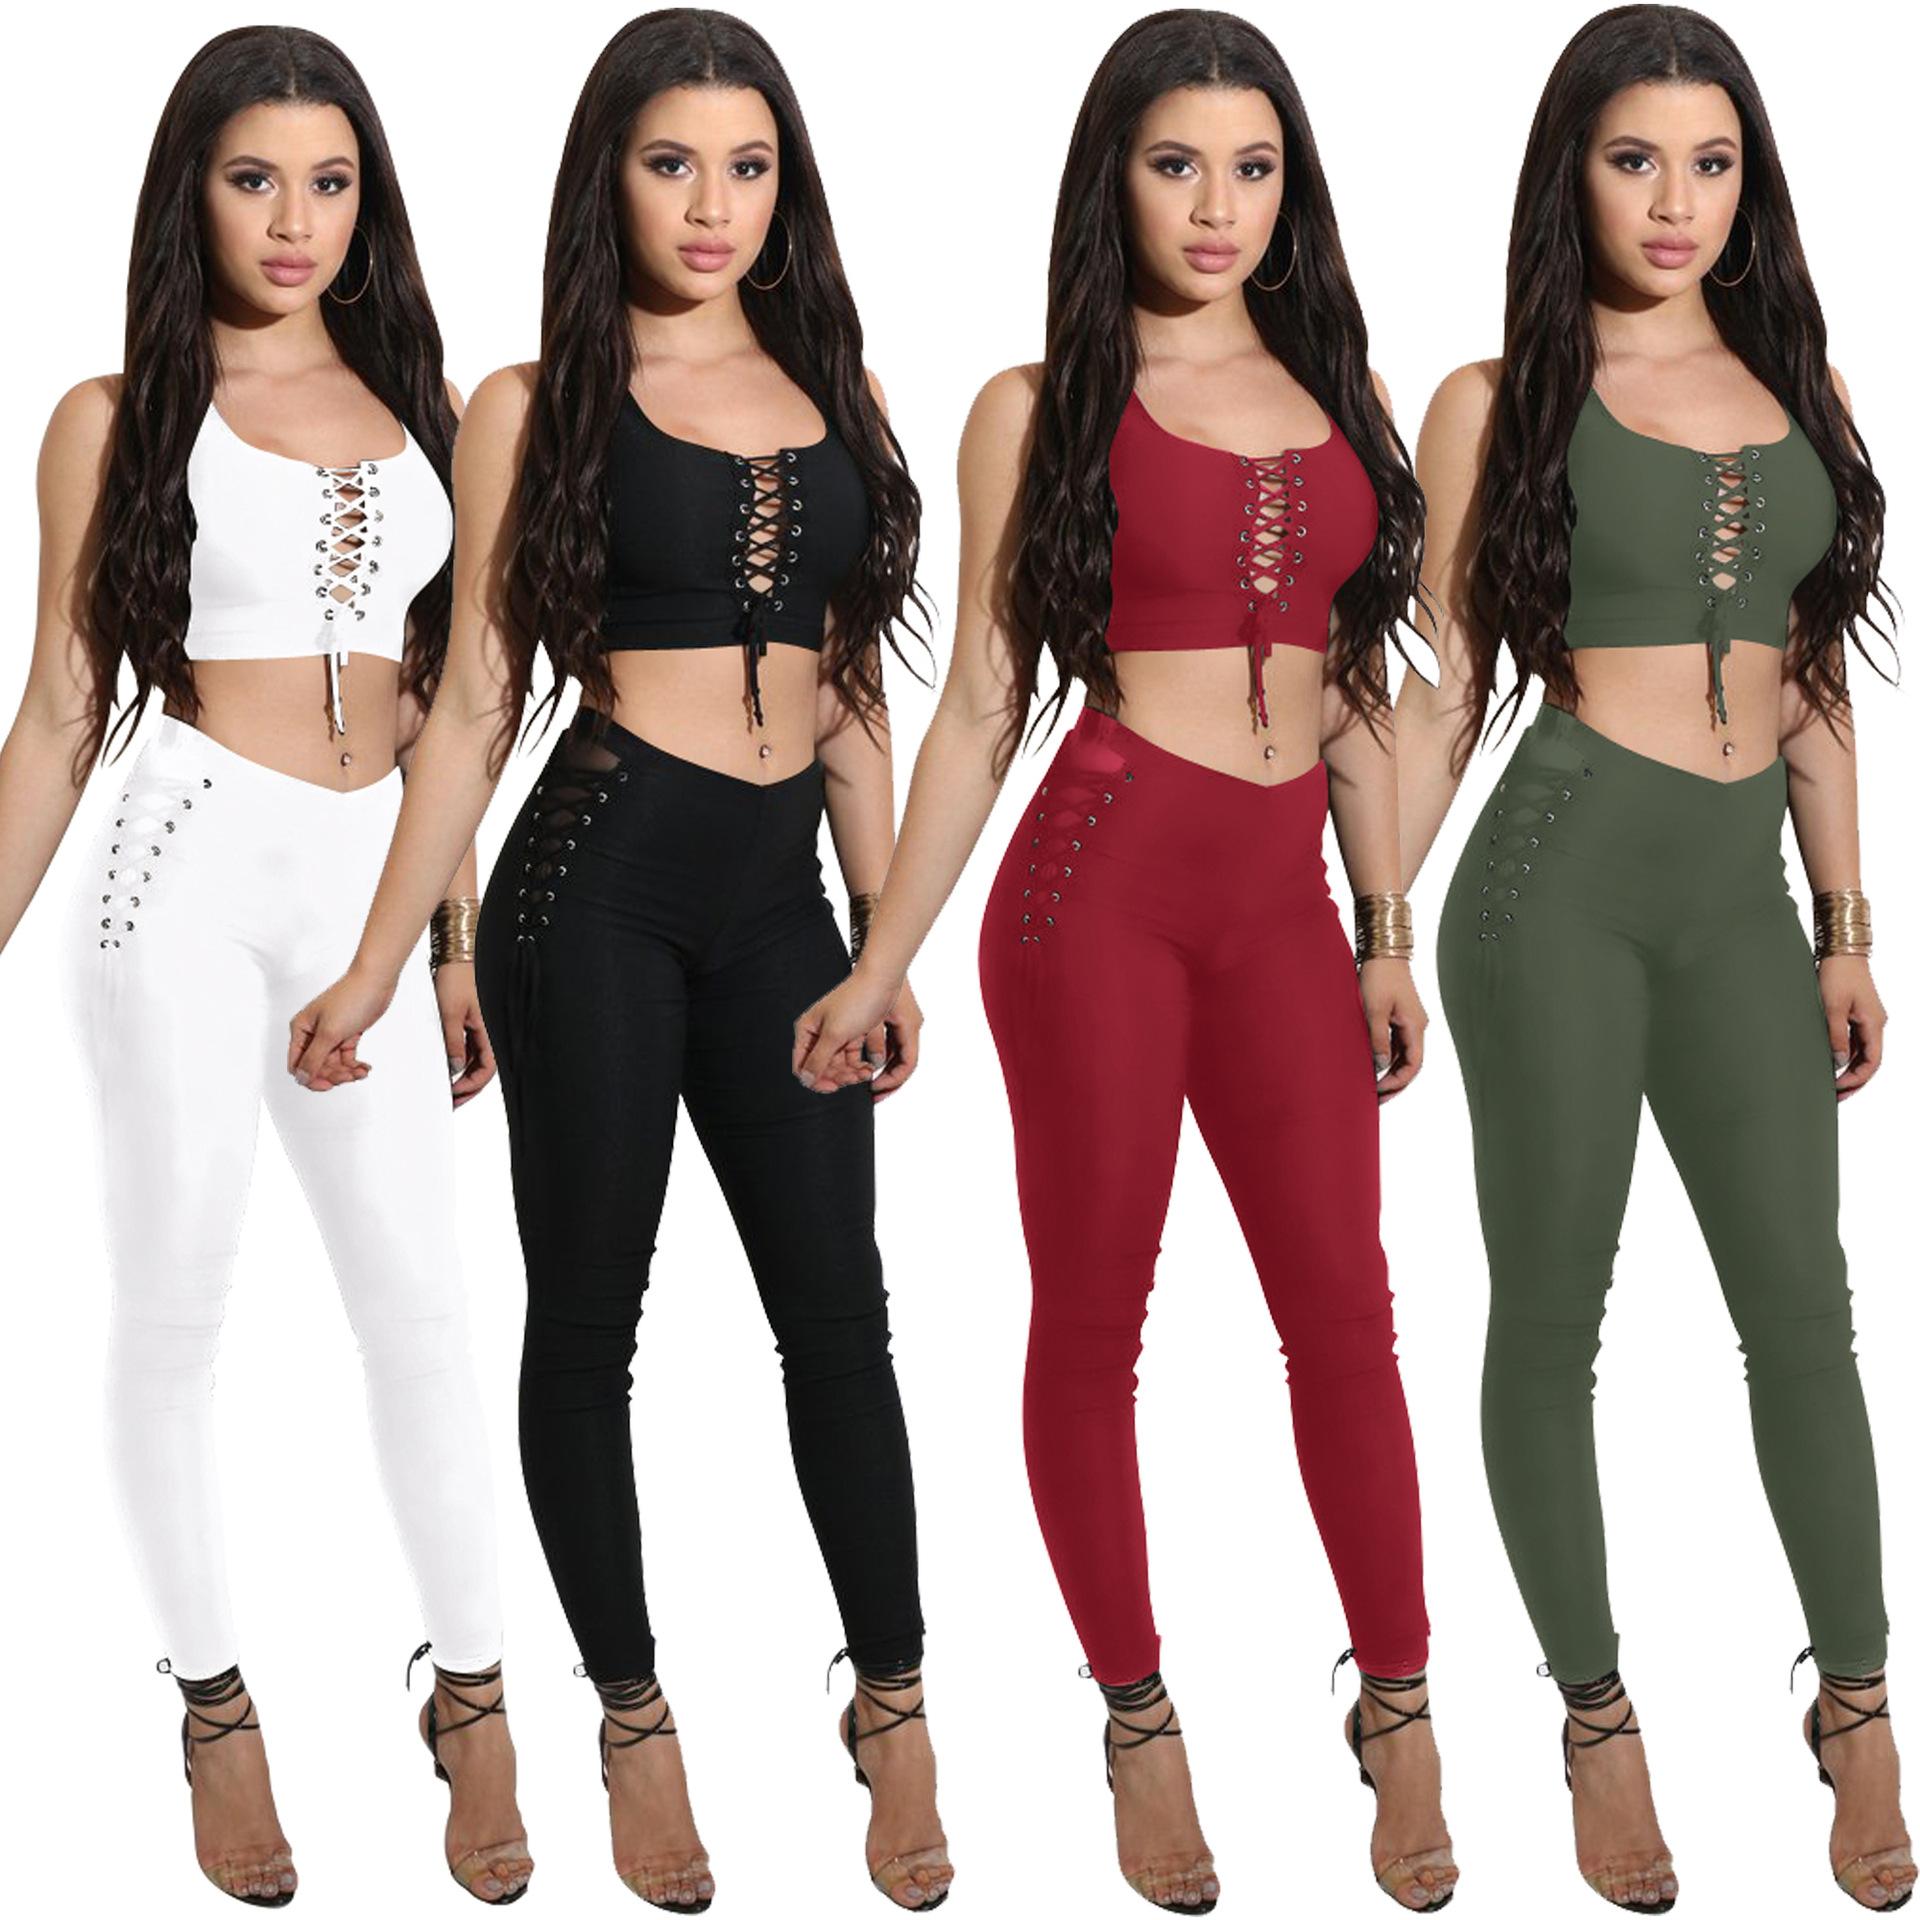 亚马逊ebay 速卖通wish热销新款 2017欧美性感两件系带套装连体裤